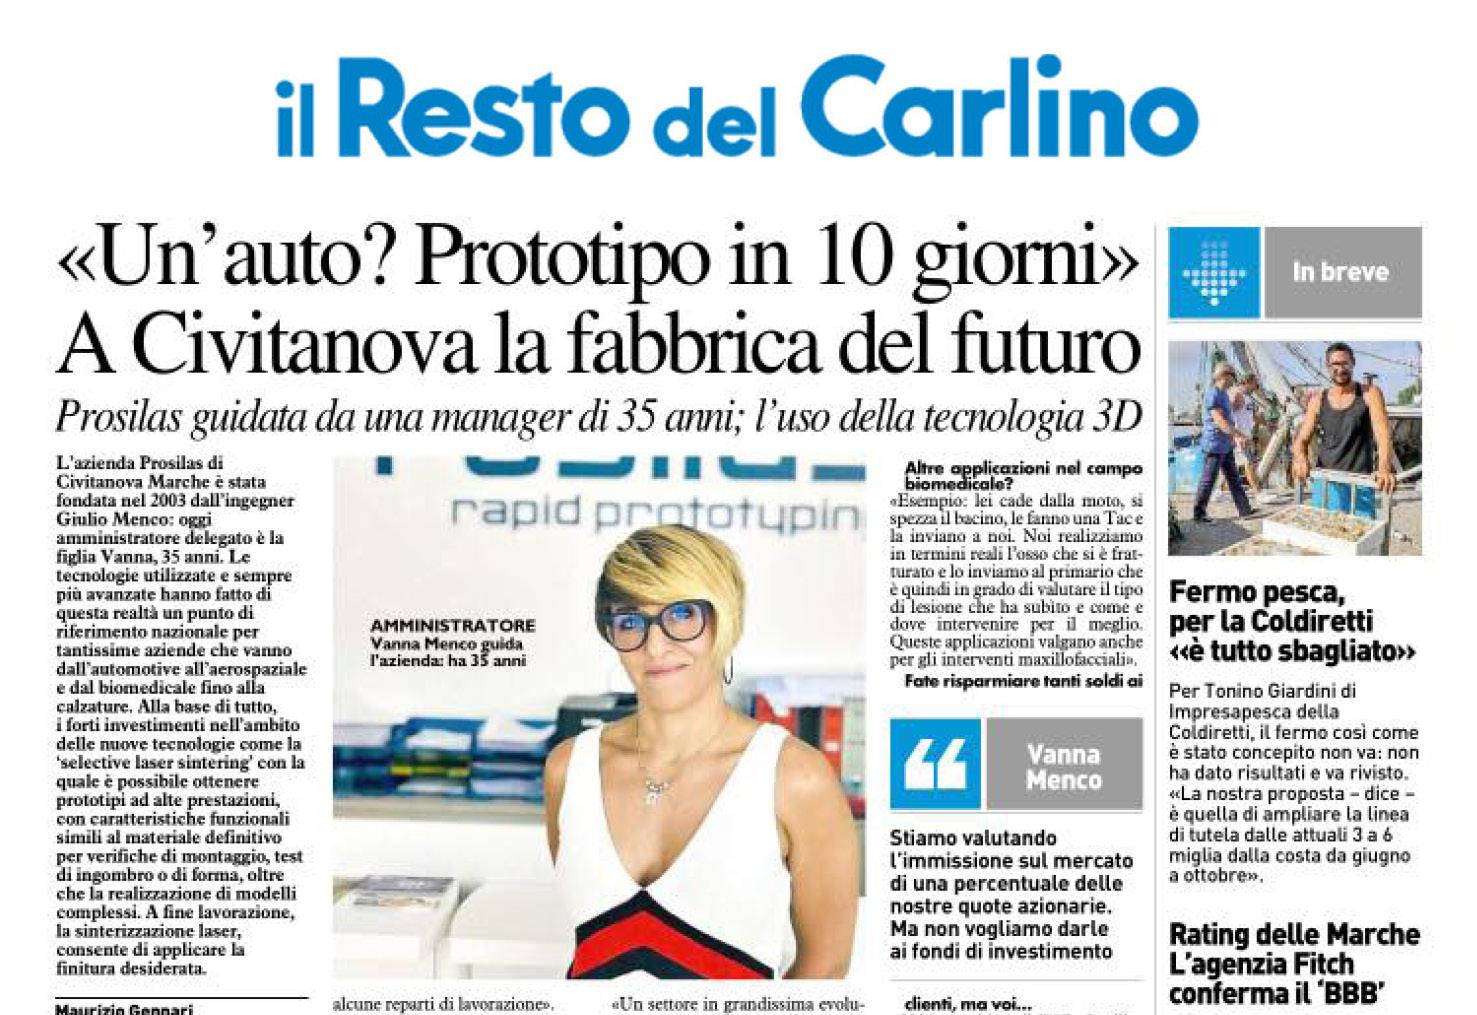 Il resto del Carlino talk about us